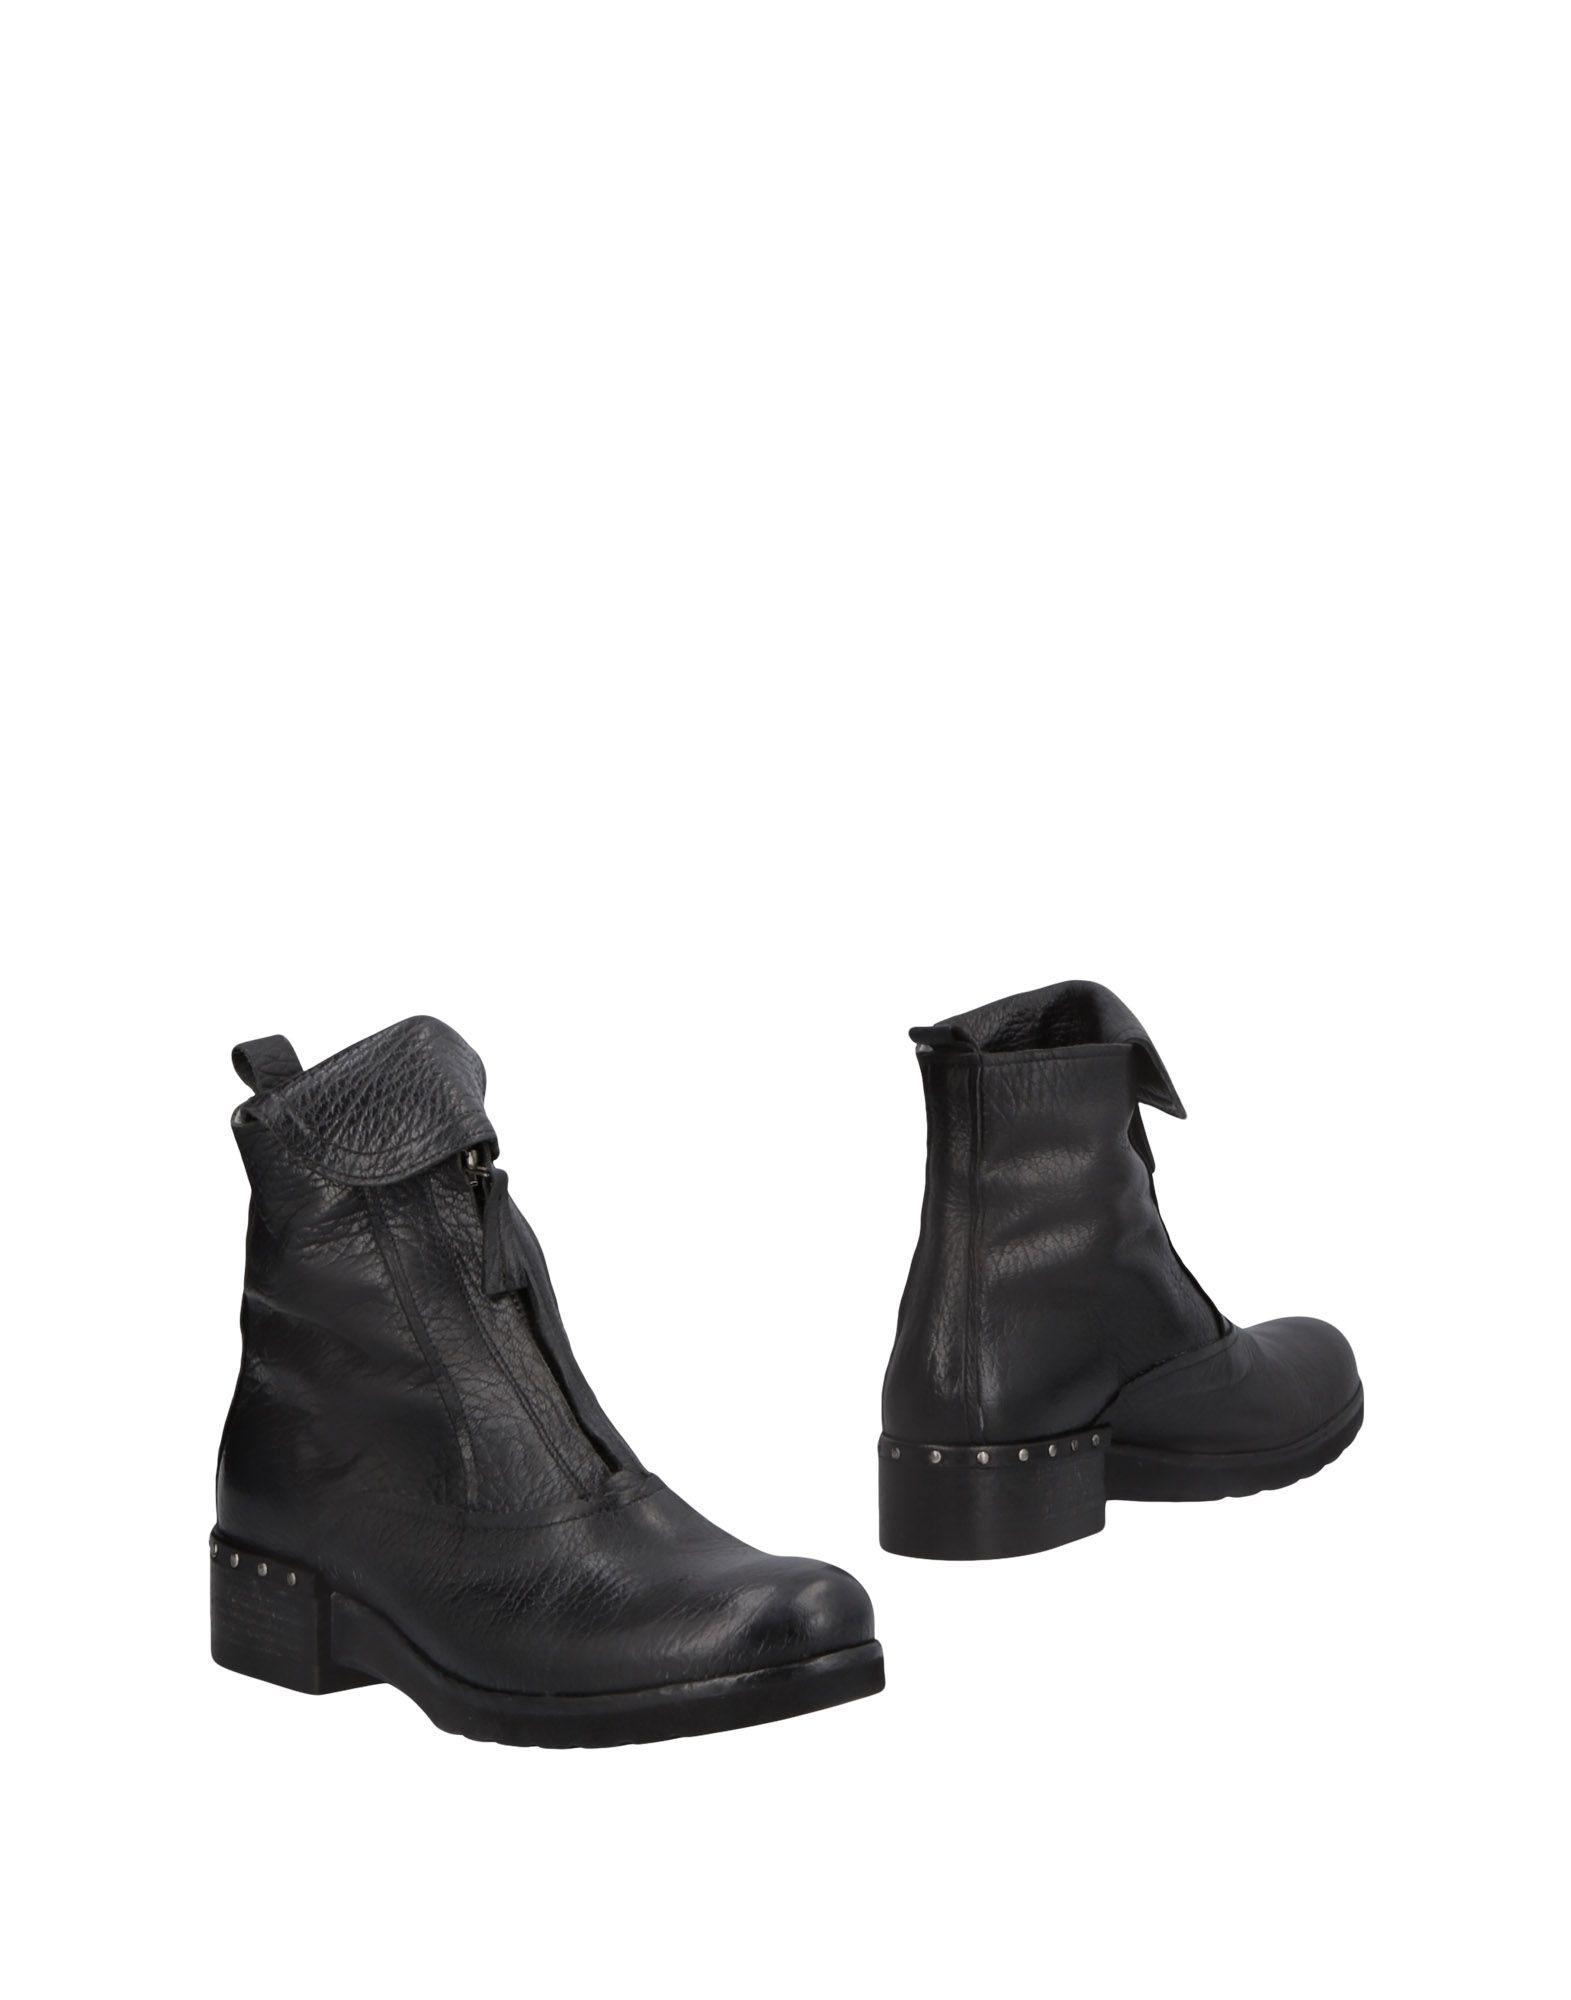 Hangar Stiefelette Damen  11481443LB Schuhe Gute Qualität beliebte Schuhe 11481443LB 775261